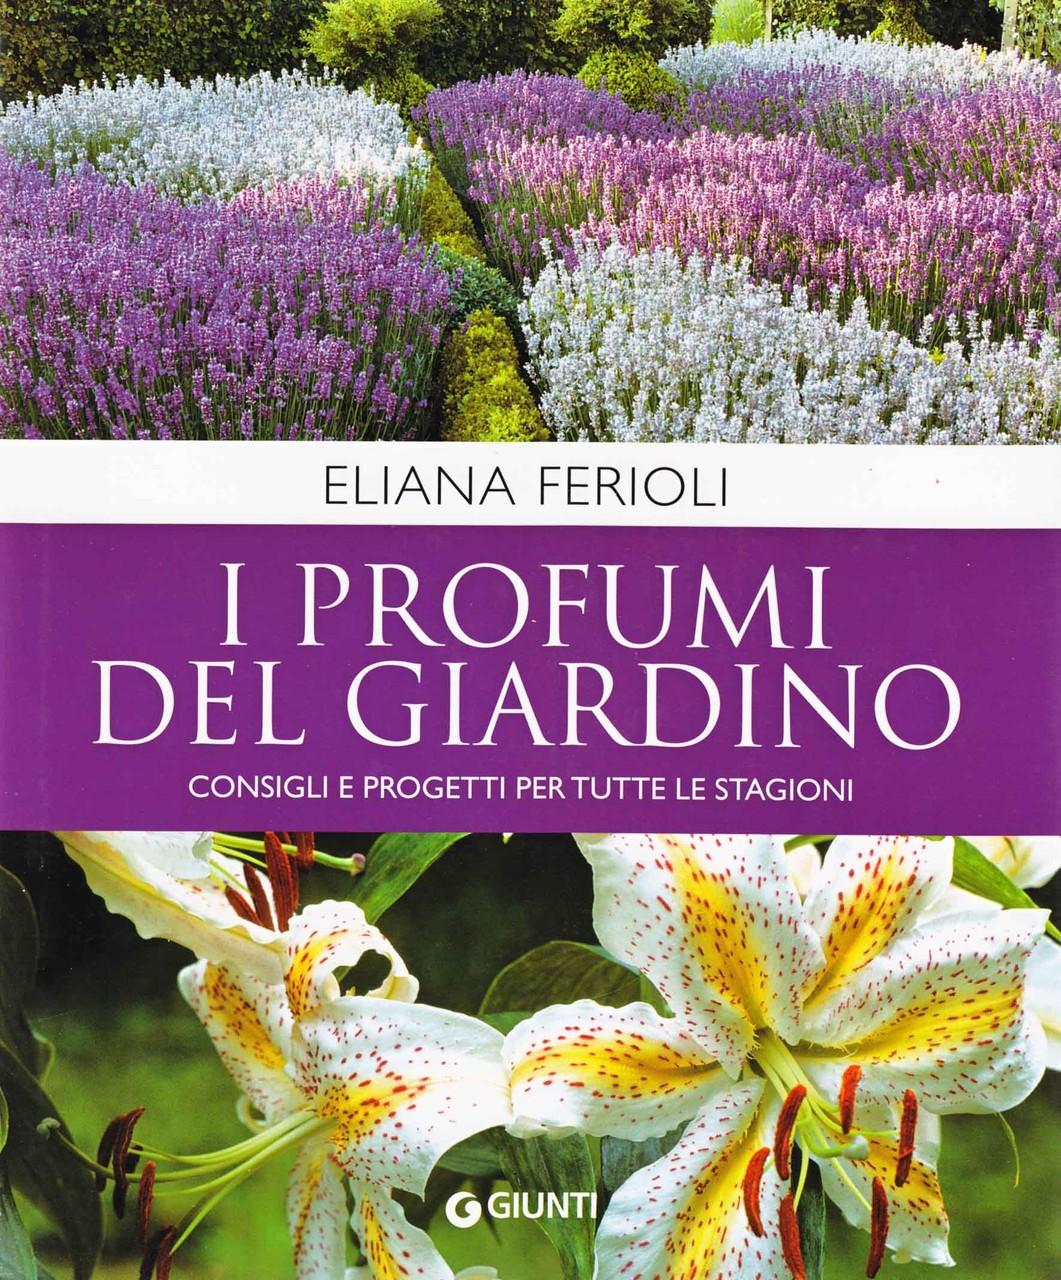 Eliana ferioli le piante come compagne di vita for Rivista casalinga per artigiani